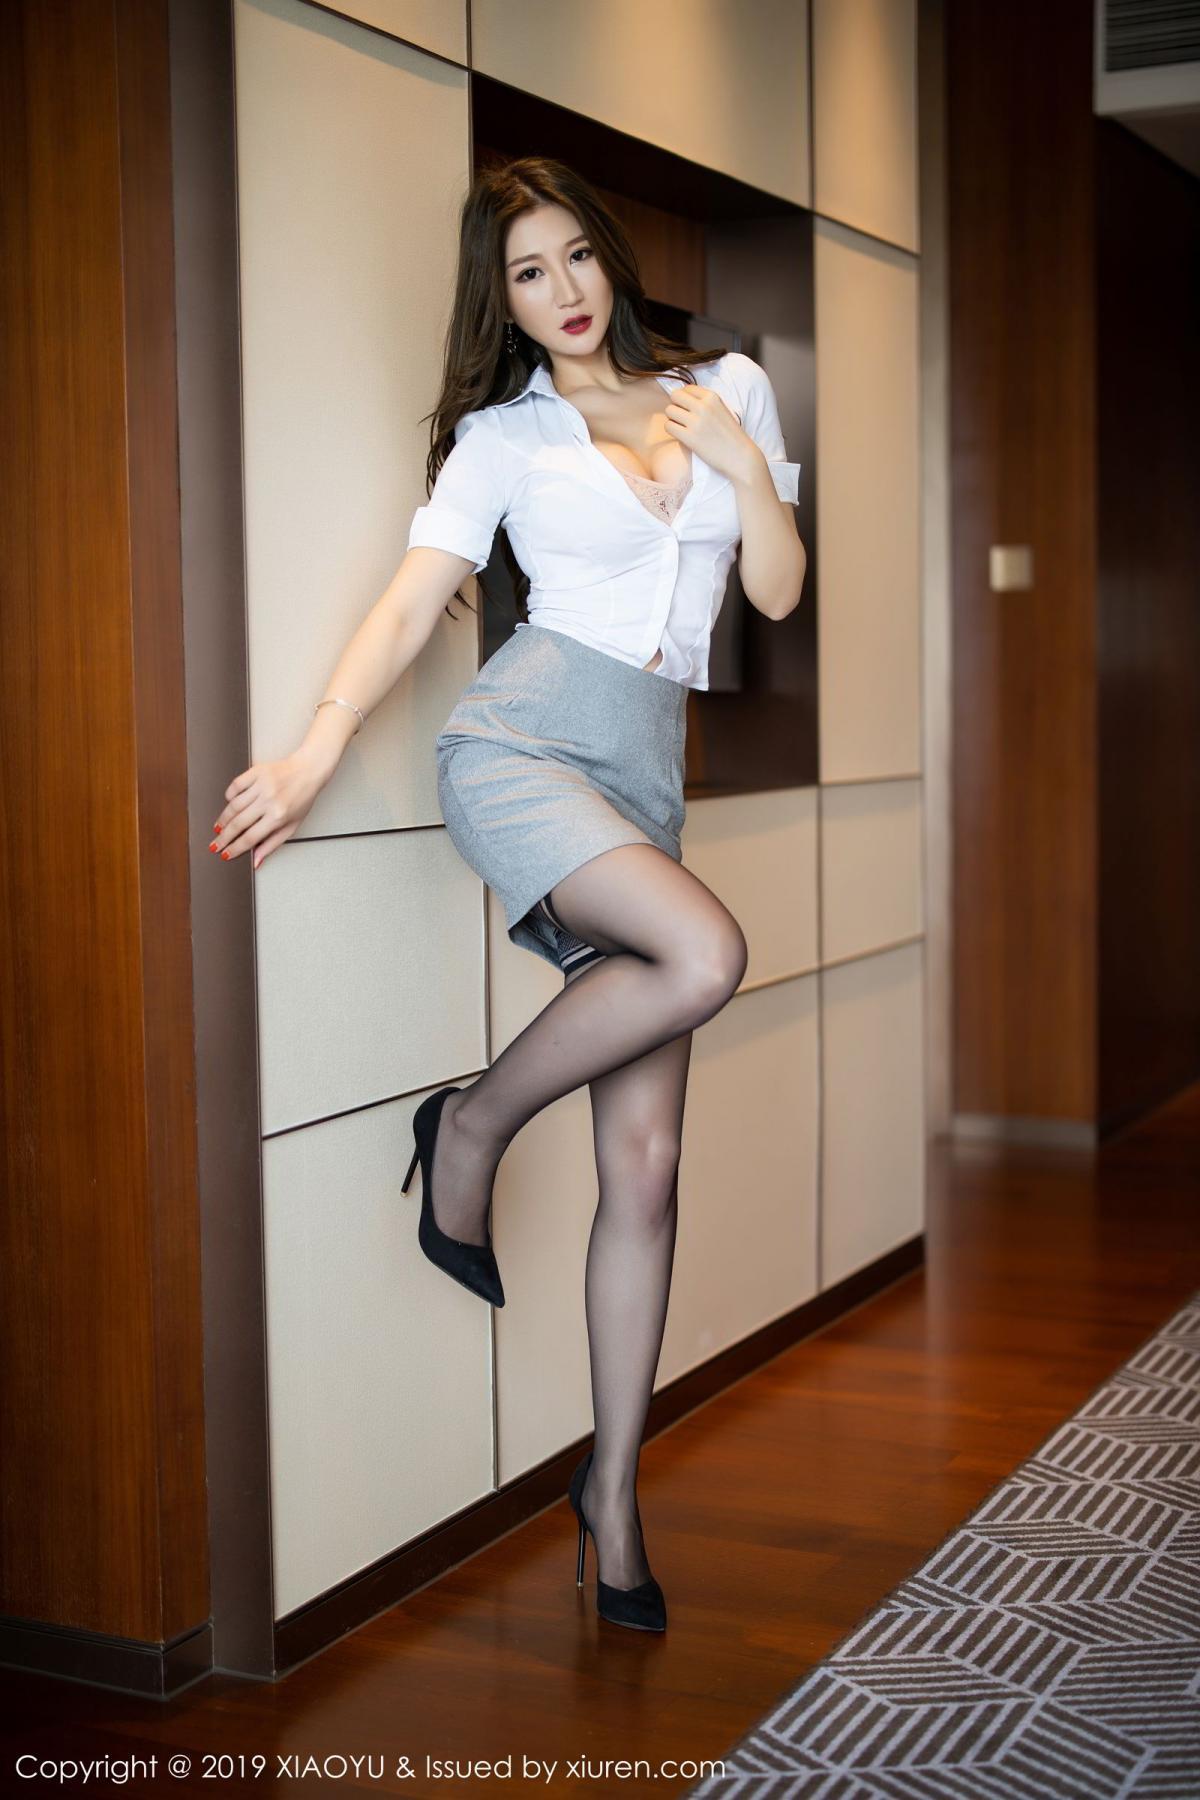 [XiaoYu] Vol.195 Xuan Zi 19P, Tall, Underwear, XiaoYu, Xuan Zi